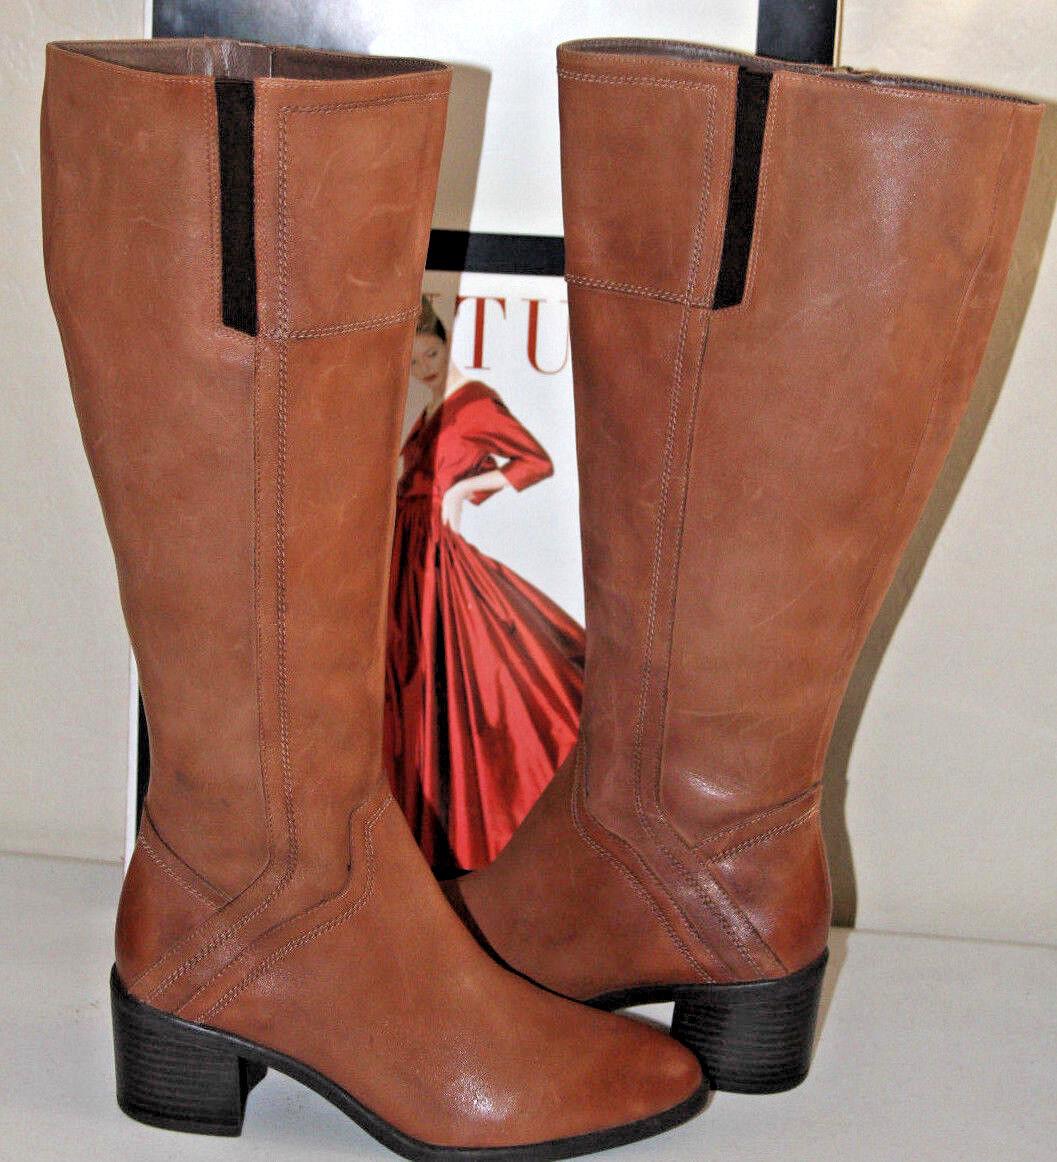 75 Franco Sarto Whisky edalina Cuero Cuero Cuero Marrón rodilla alta botas talla 6  genuina alta calidad